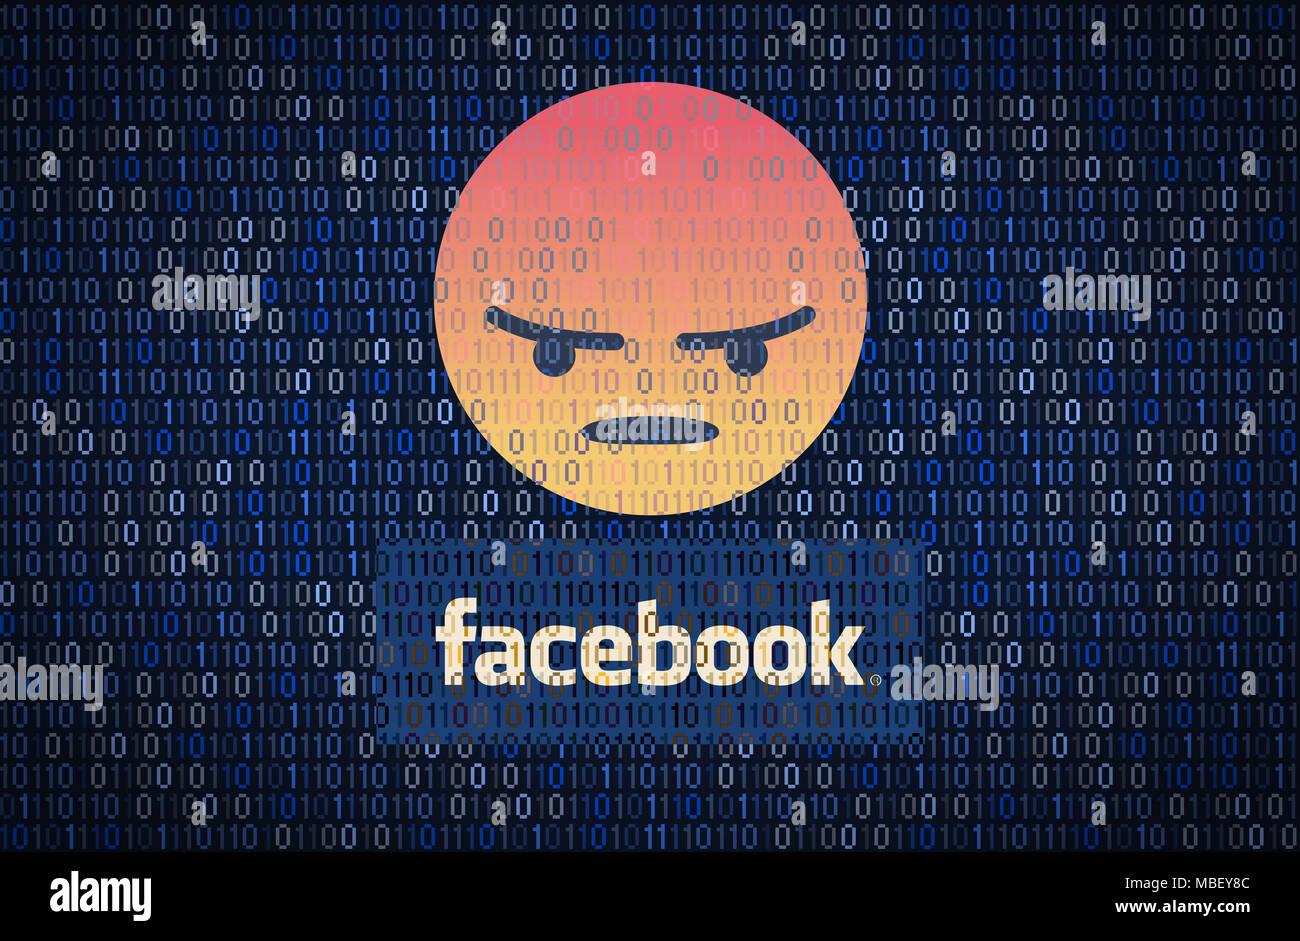 GALATI, Rumania - 10 de abril de 2018: datos de Facebook cuestiones de seguridad y privacidad. Concepto de encriptación de datos Imagen De Stock